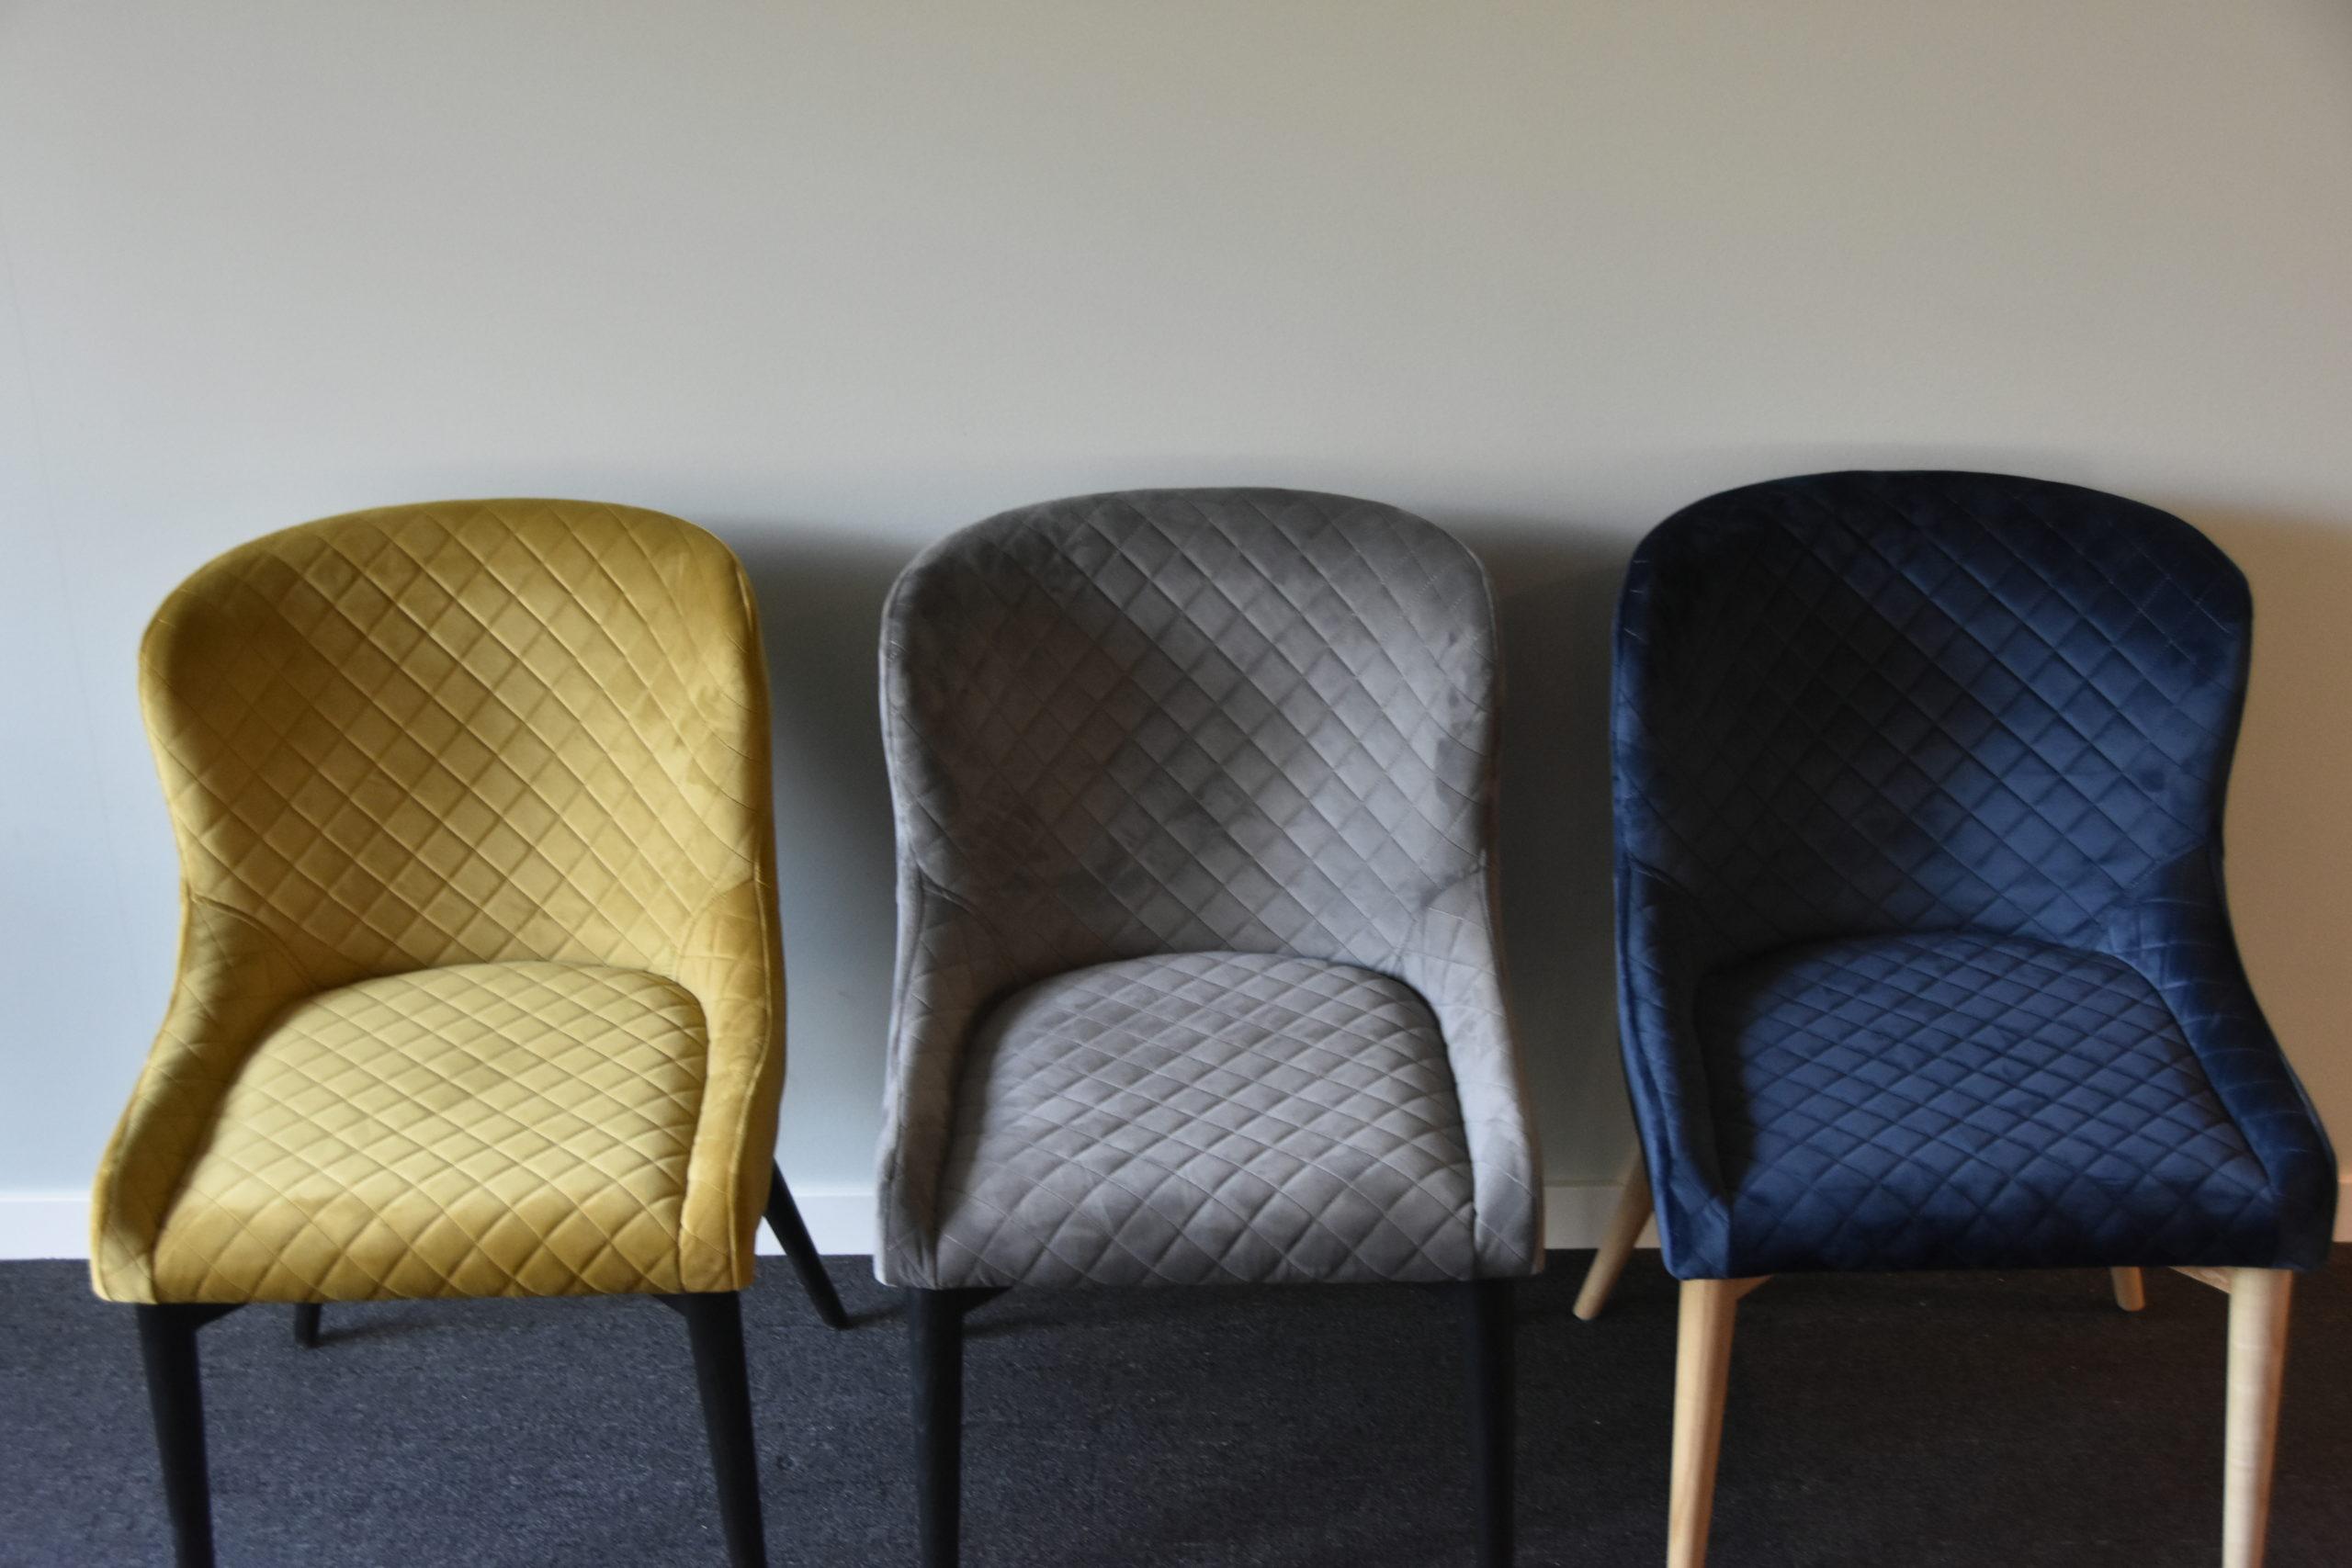 Tre Vetro stoler. Fra venstre: bronze, grå og midnattblå